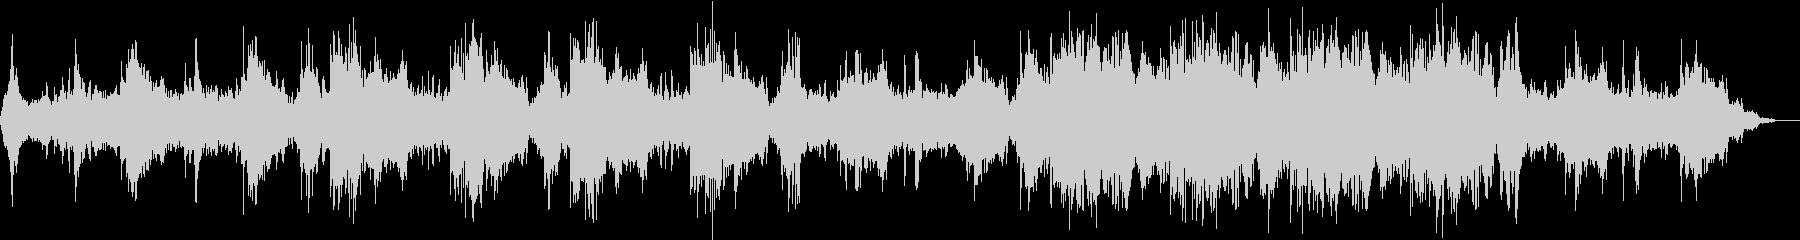 睡眠用のリラクゼーション音楽作品の未再生の波形